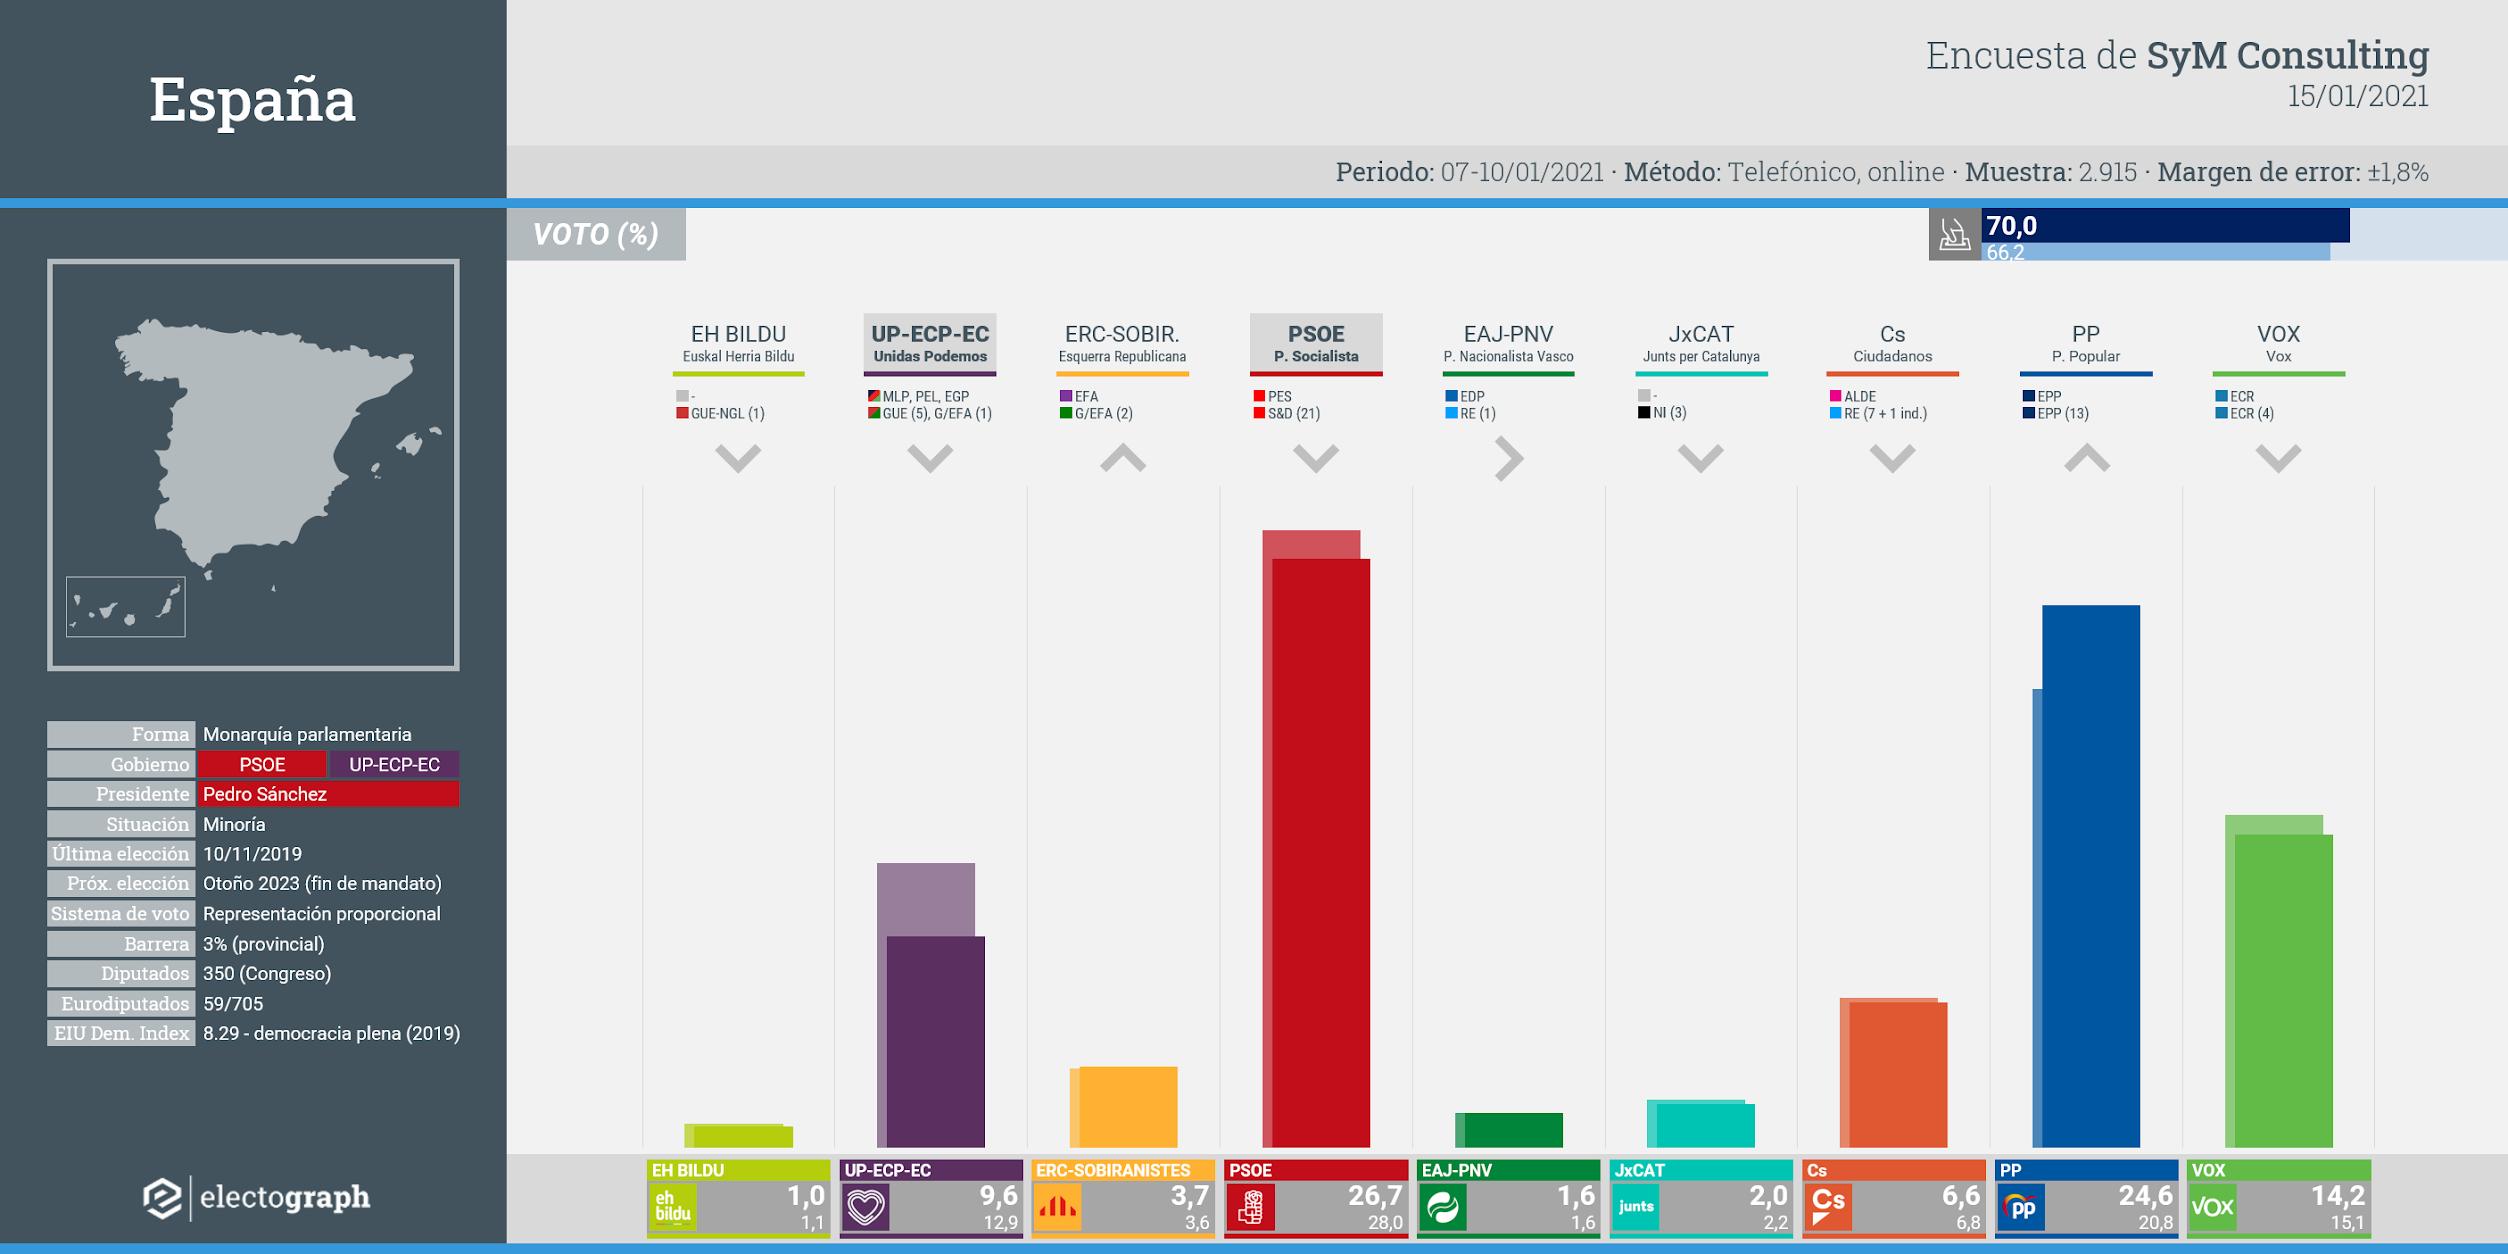 Gráfico de la encuesta para elecciones generales en España realizada por SyM Consulting, 15 de enero de 2021